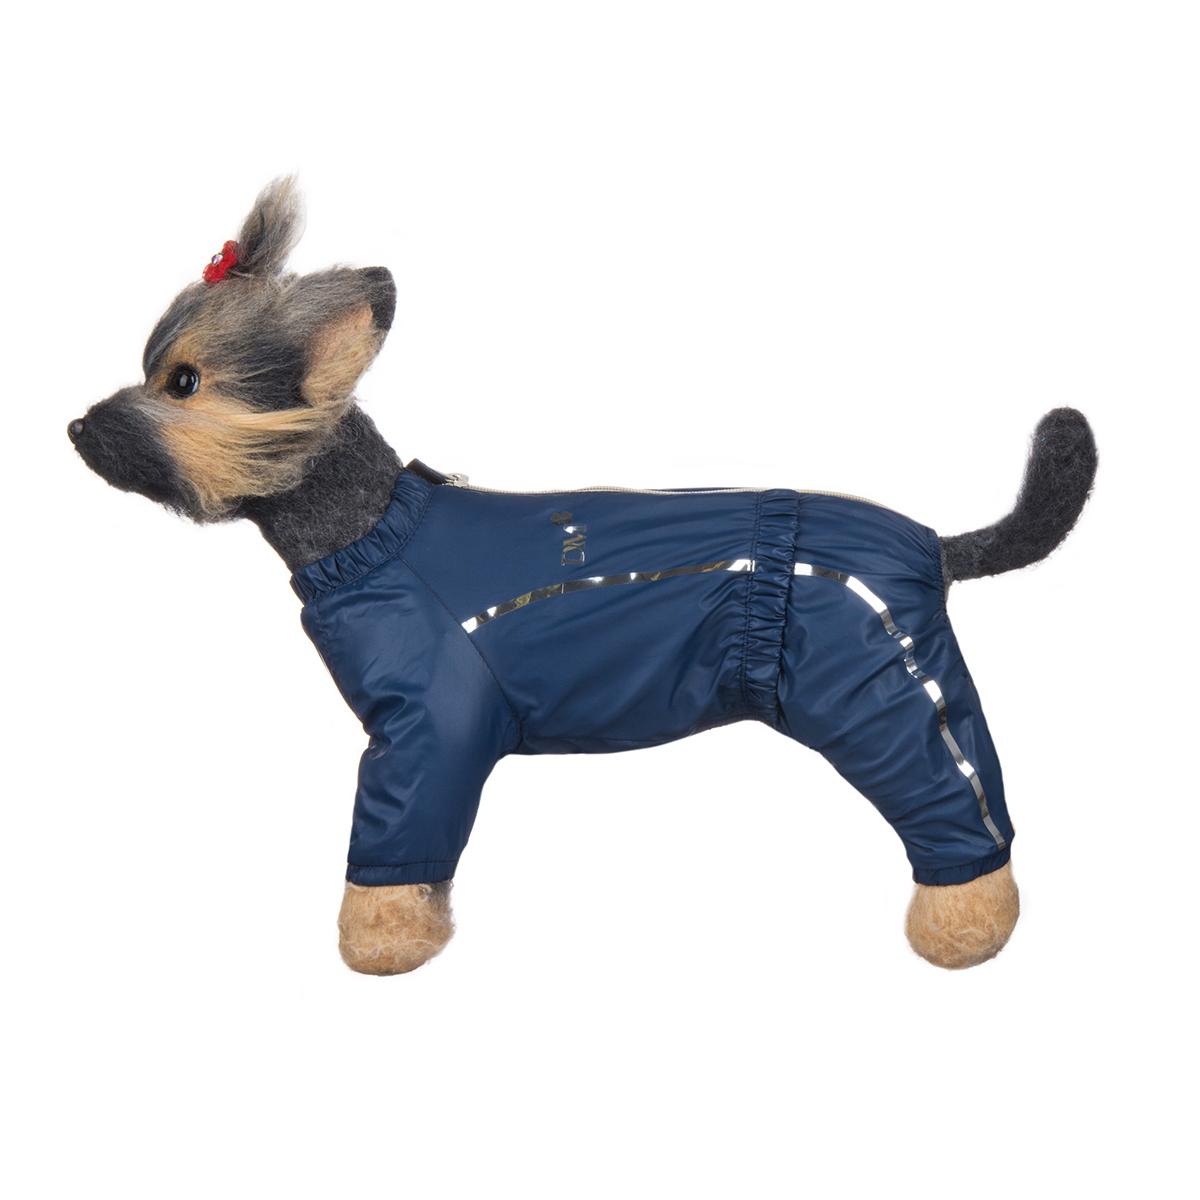 Комбинезон для собак Dogmoda Альпы, для мальчика, цвет: темно-синий. Размер 2 (M) комбинезоны для животных dogmoda комбинезон doggs active 70 сука